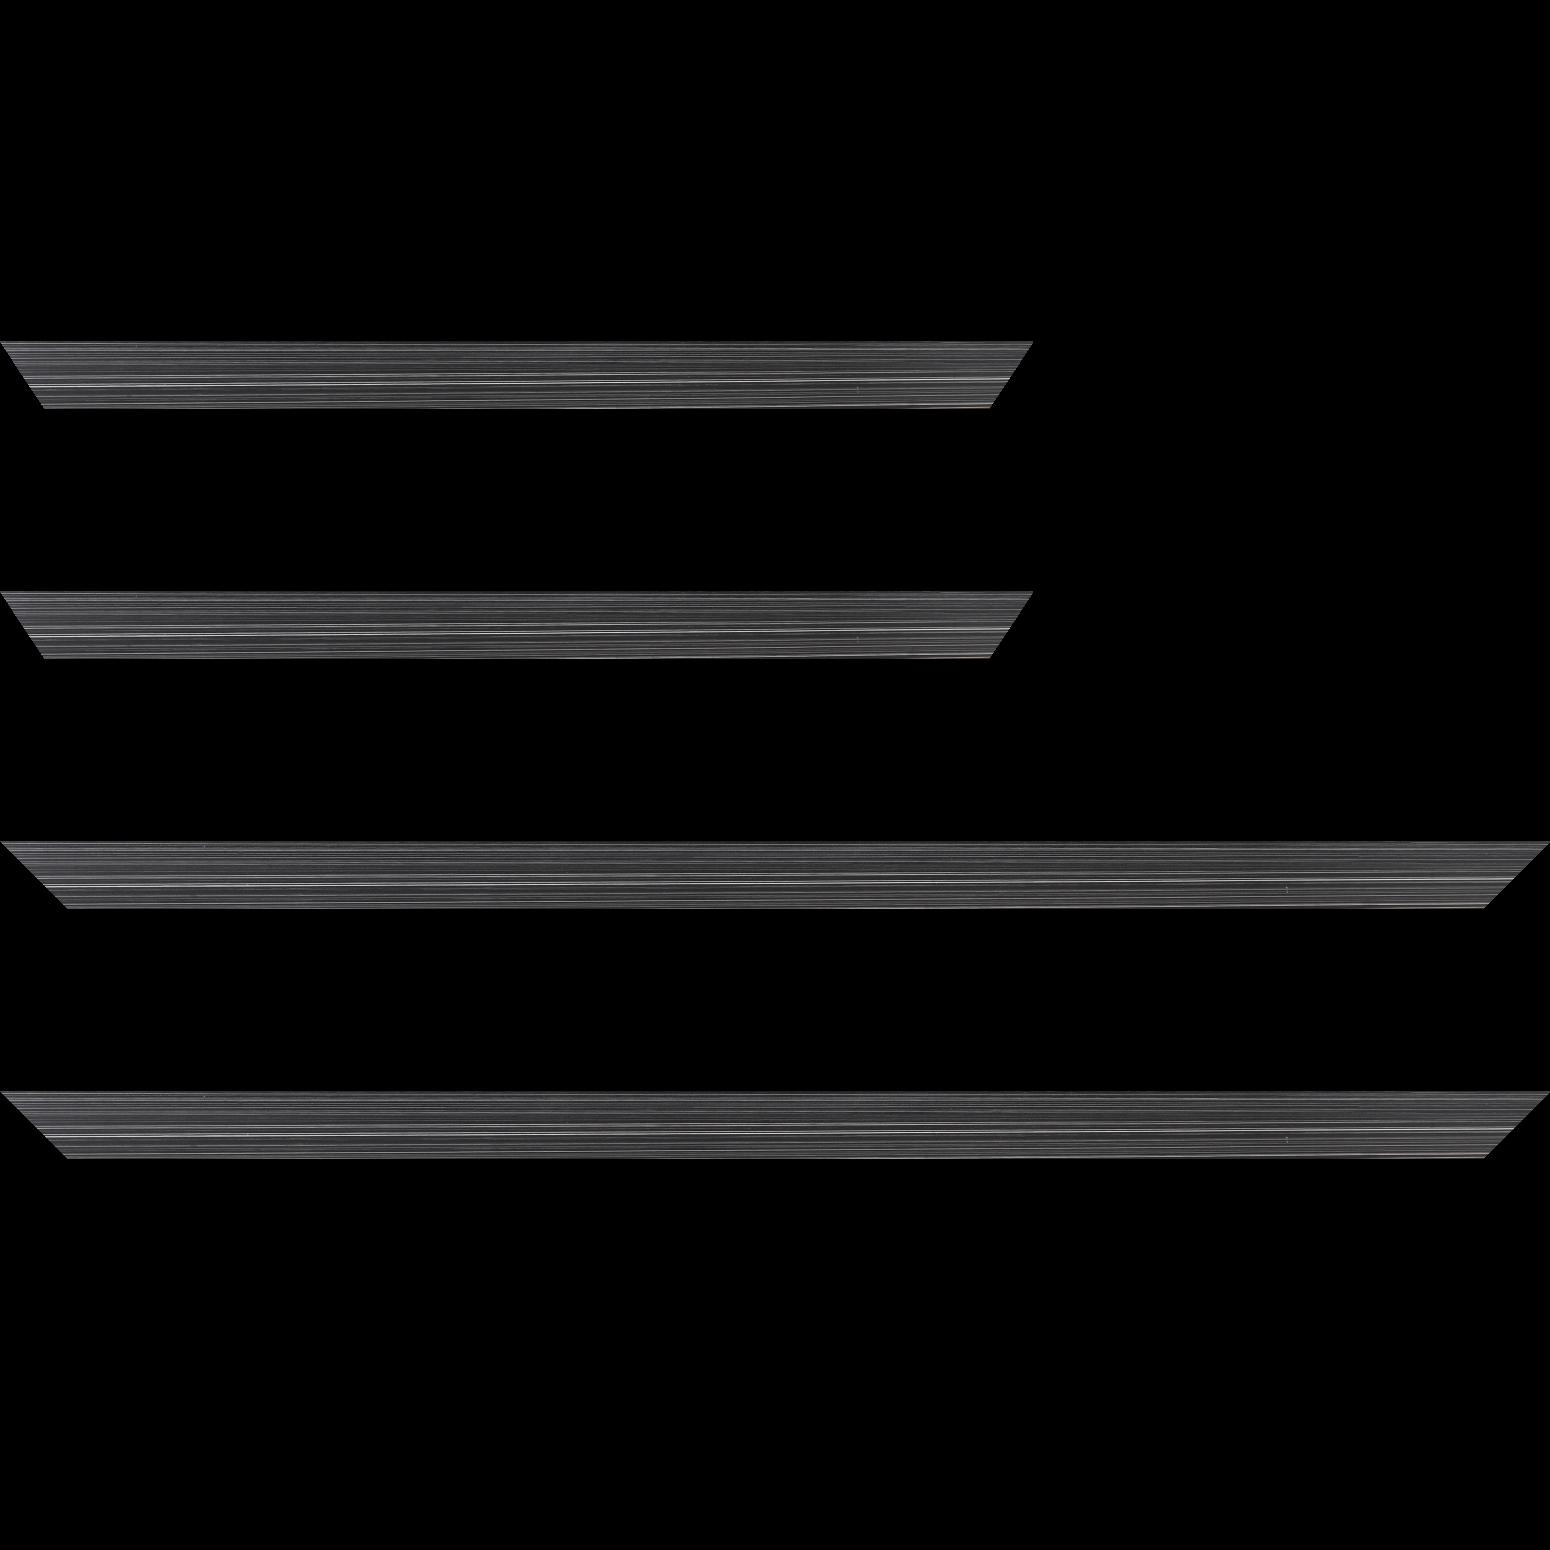 Baguette service précoupé Bois profil concave largeur 2.4cm couleur noir anthracite effet matière fond blanc